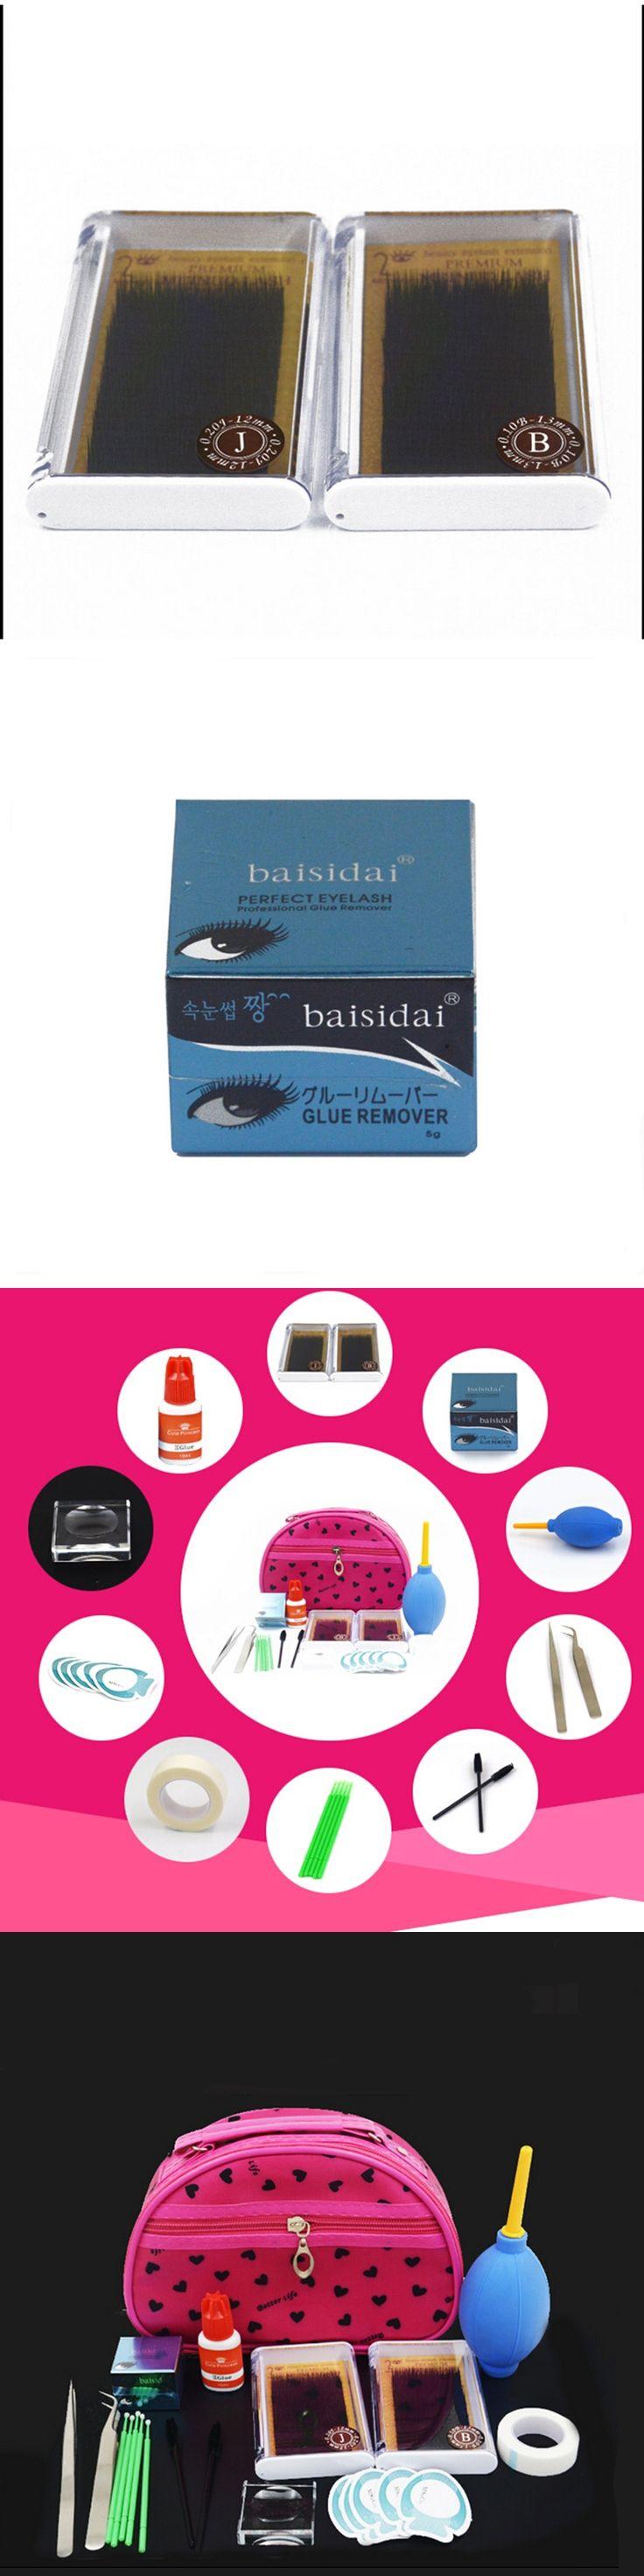 Eyelashes Extension Kit Set with Glue Fashionable Eyelashes Extension with bag free shipping